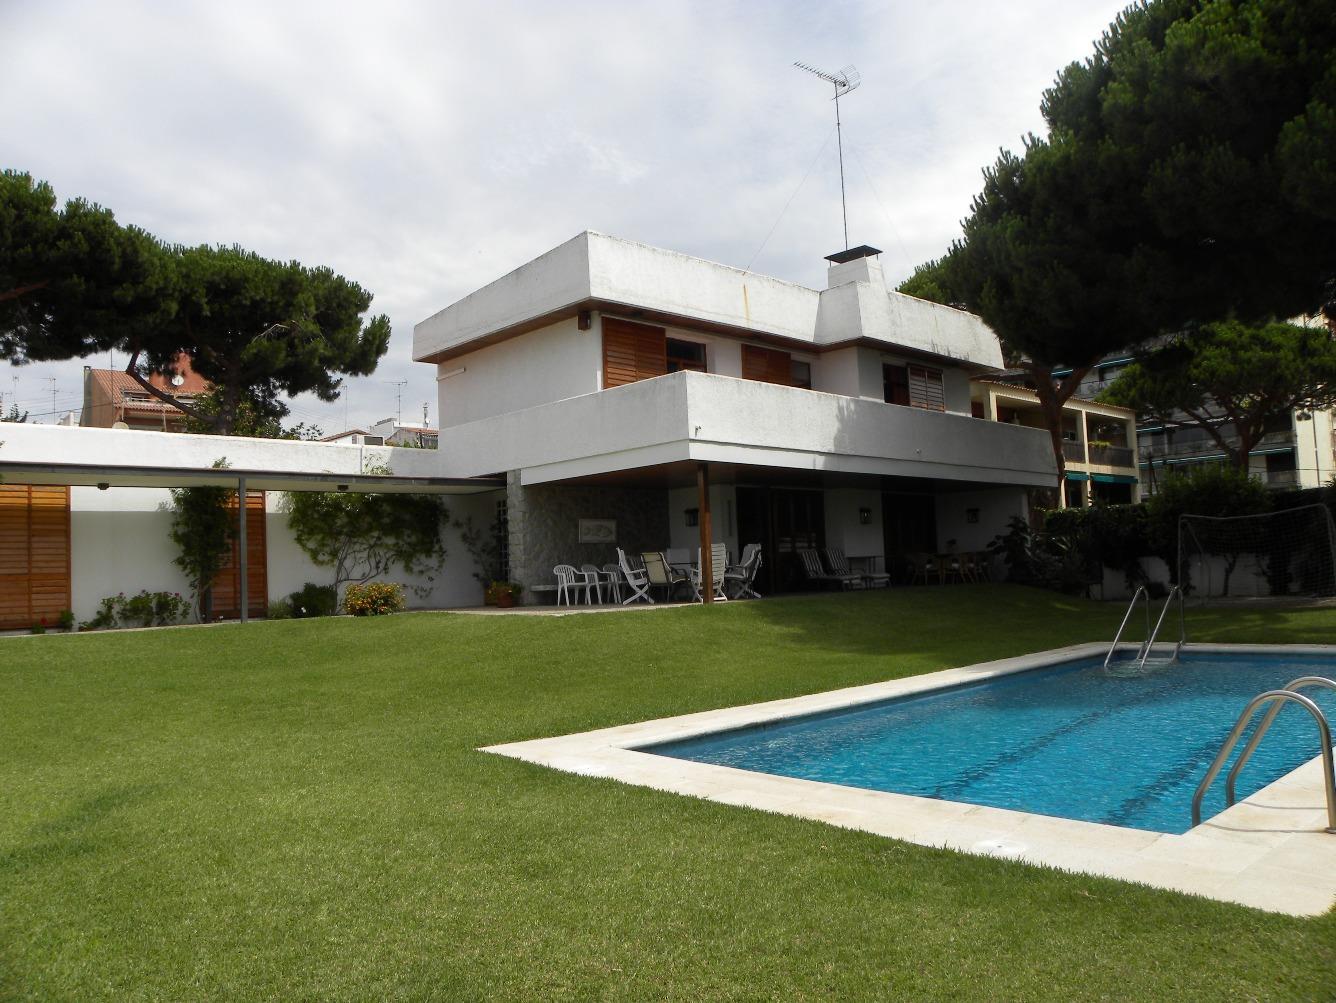 Alquiler de Temporada Casa  Avenida can sans, 8. Bonita casa con jardín privado y piscina, frente al mar en la po